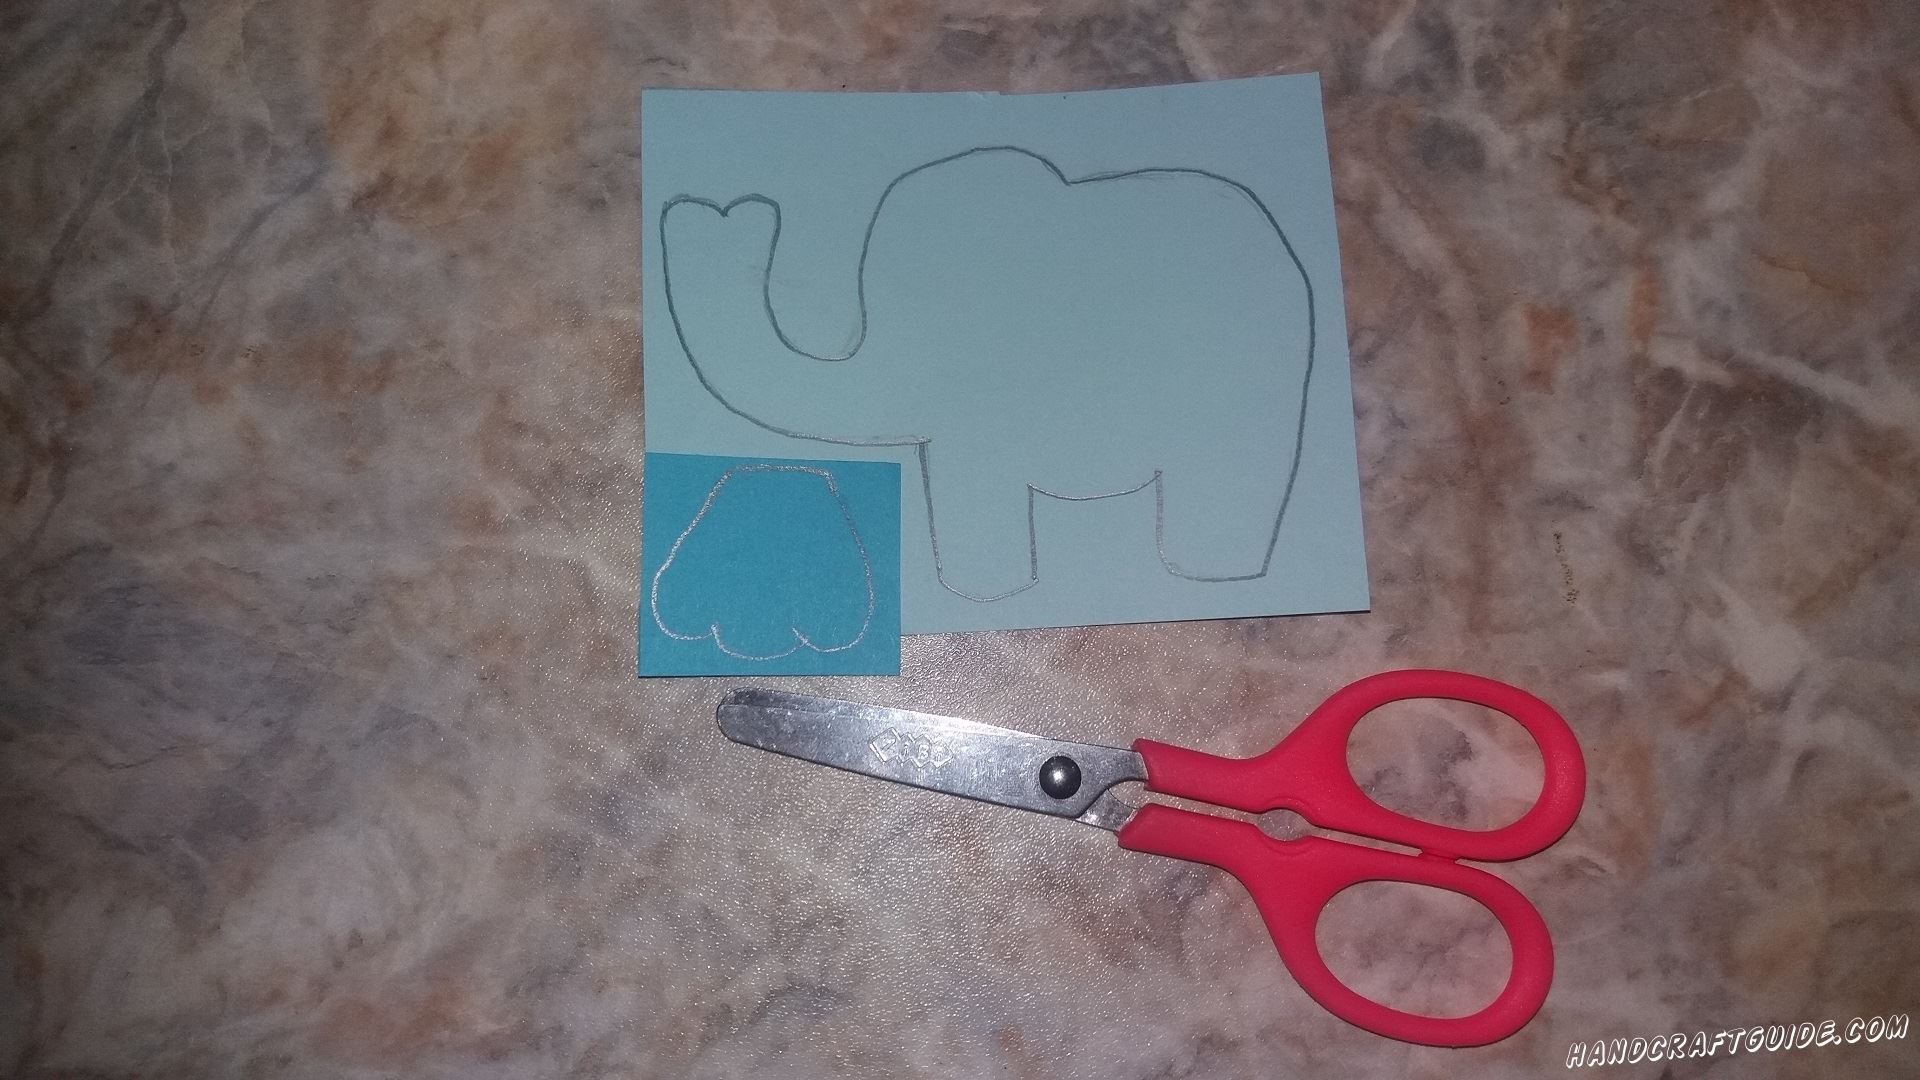 На голубом листе бумаги мы рисуем и вырезаем образ слона. На синей бумаге мы рисуем ушко слона и также вырезаем нарисованную картинку.